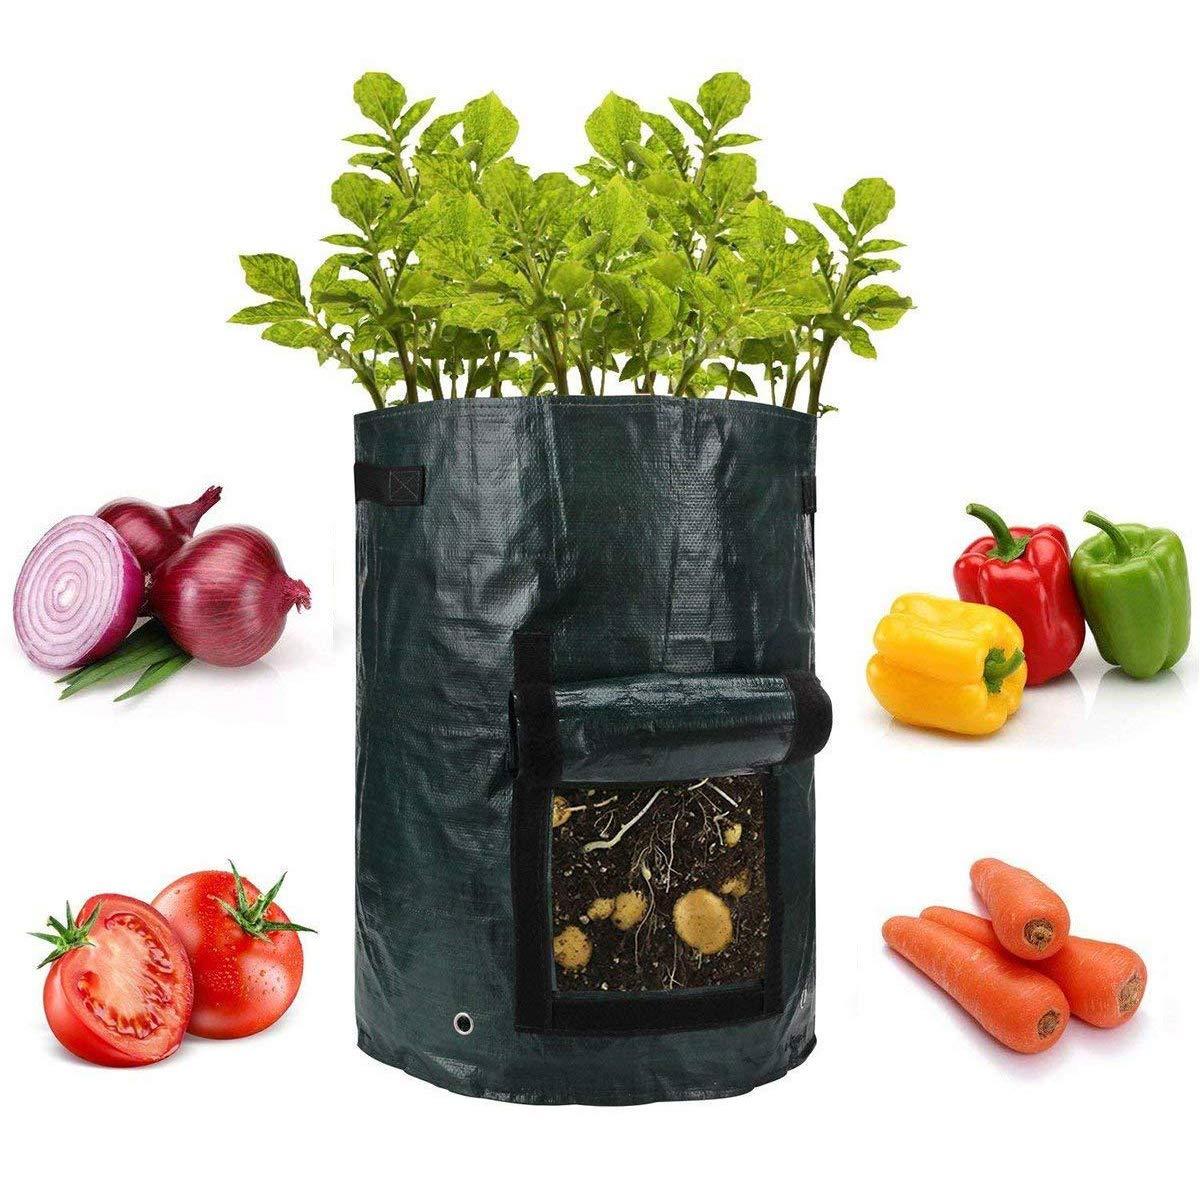 DOOLLAND Potato Growing Bag, 2-Pack 10 Gallon Garden Potato Grow Bag Vegetables Planter Bags